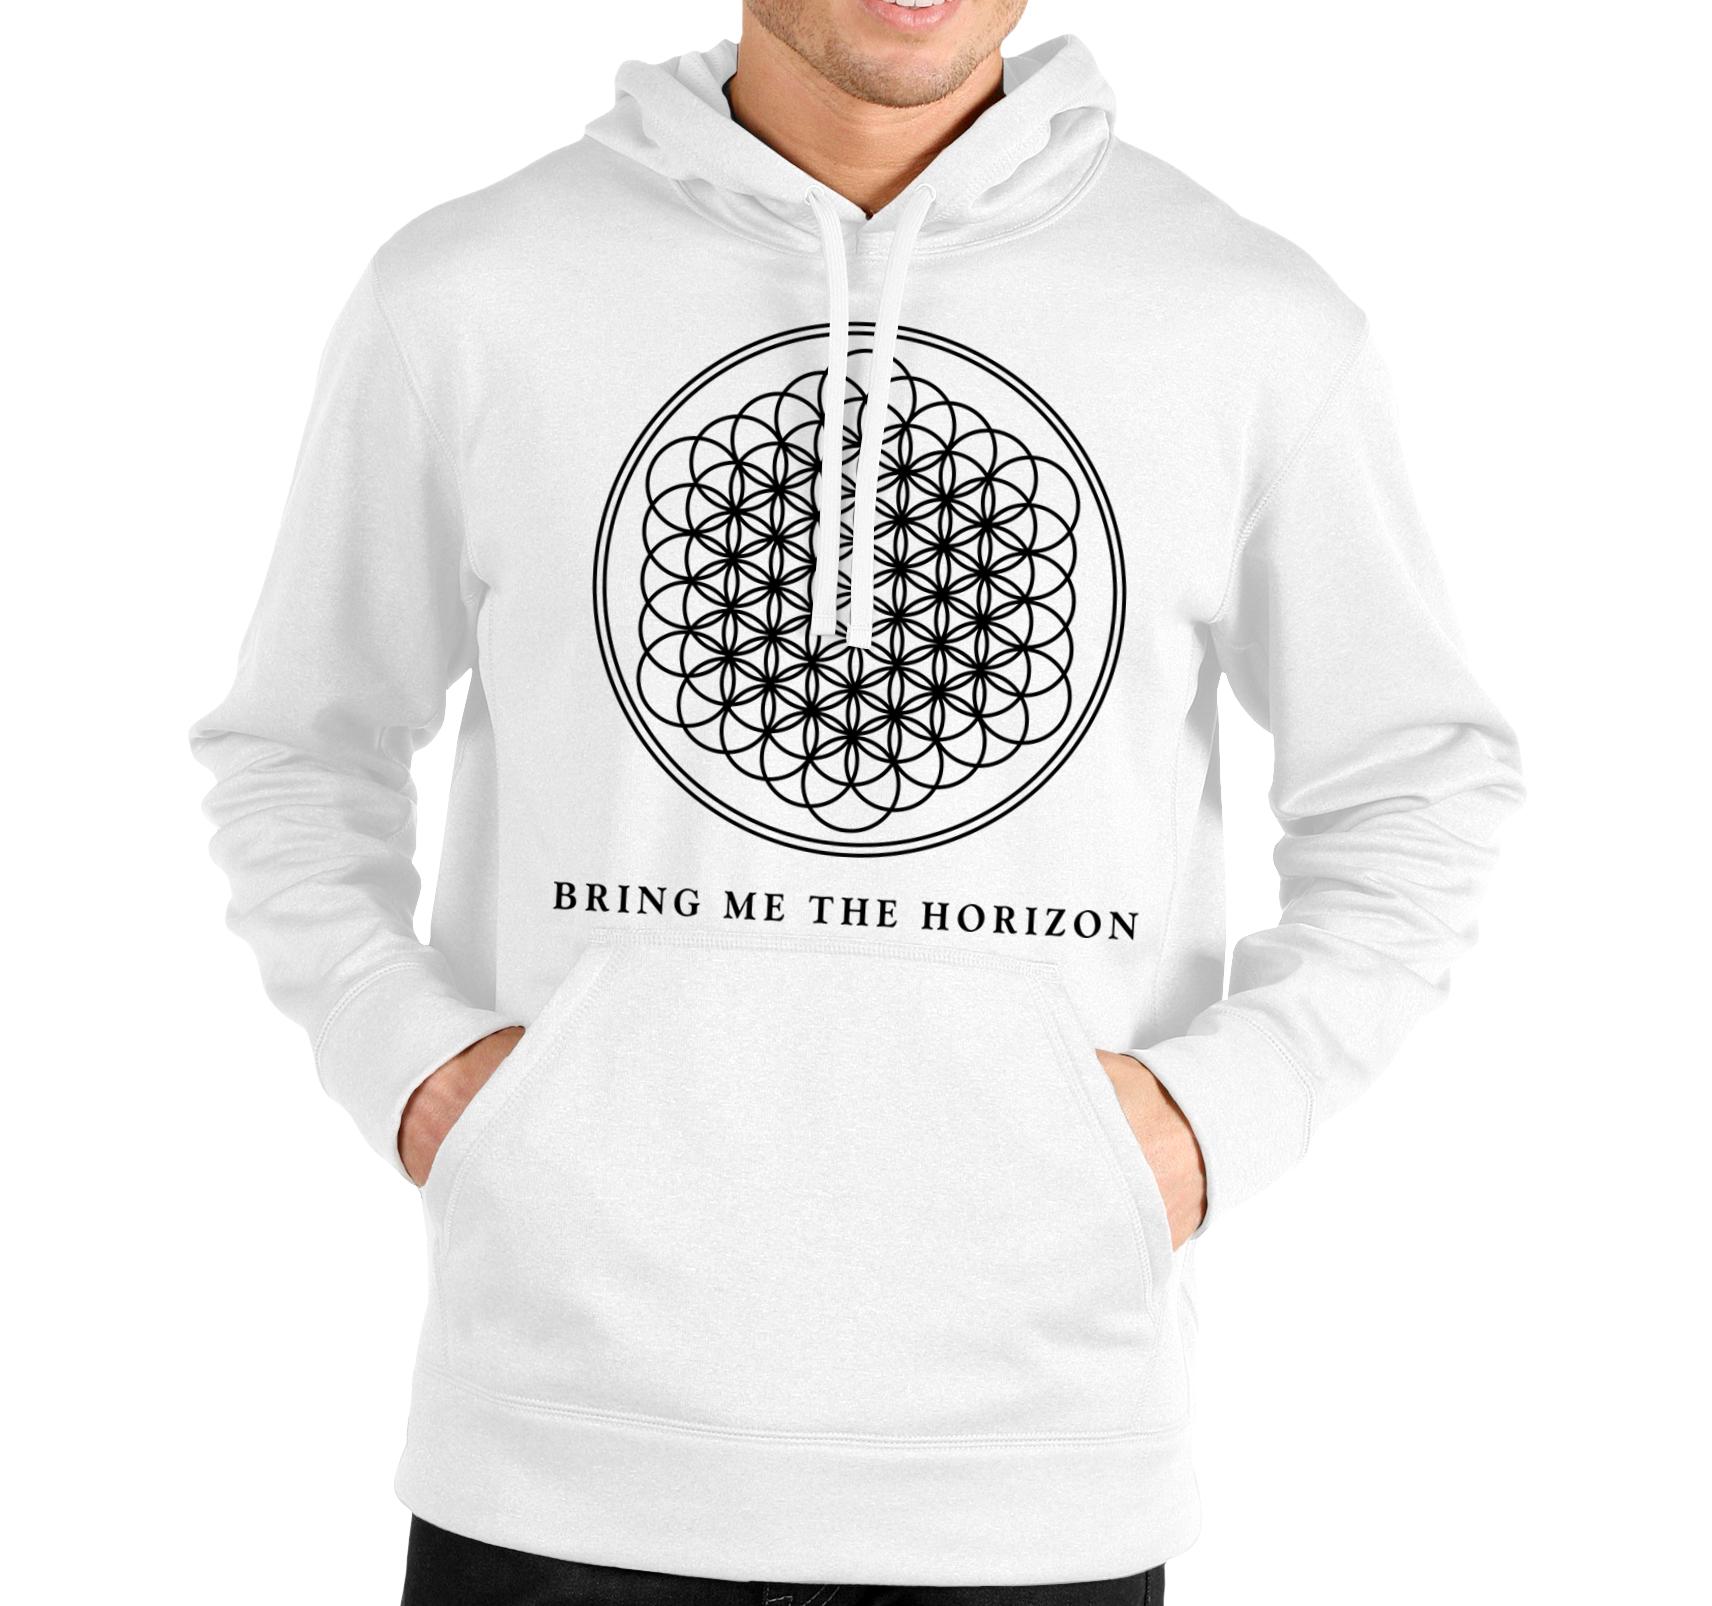 Pánska Mikina Bring Me the Horizon Logo Veľkosť: M, Pohlavie: Čierna